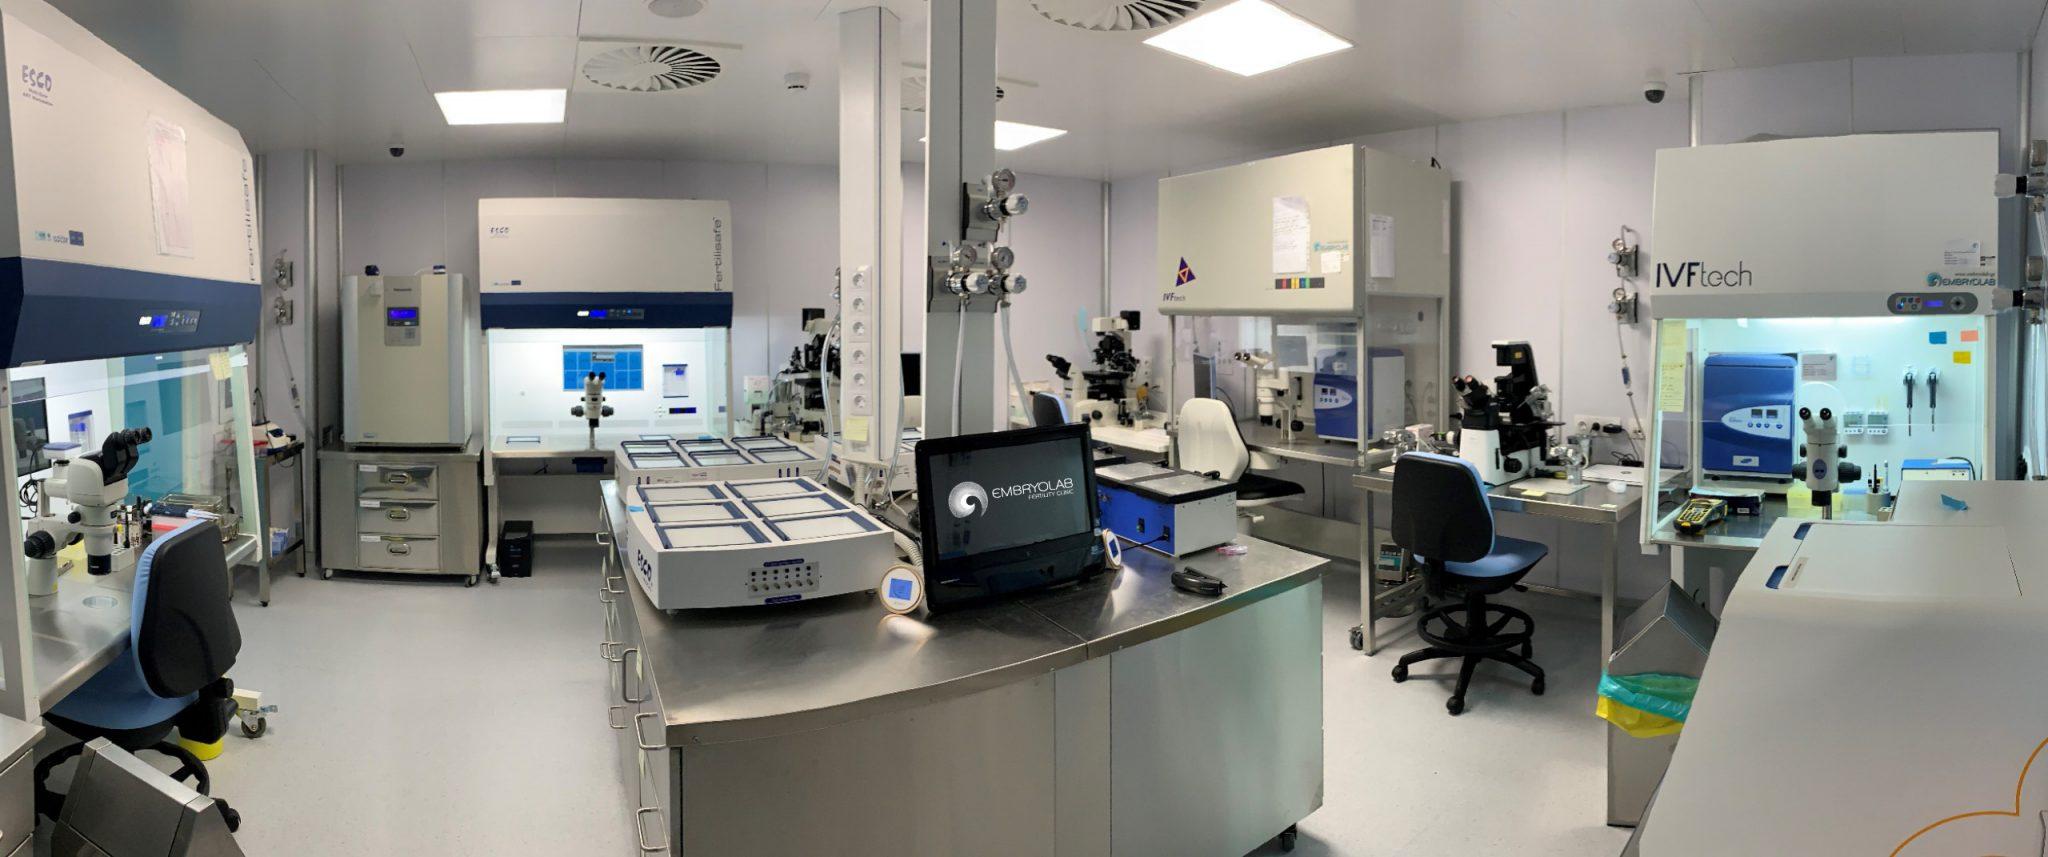 Embryolab ART lab